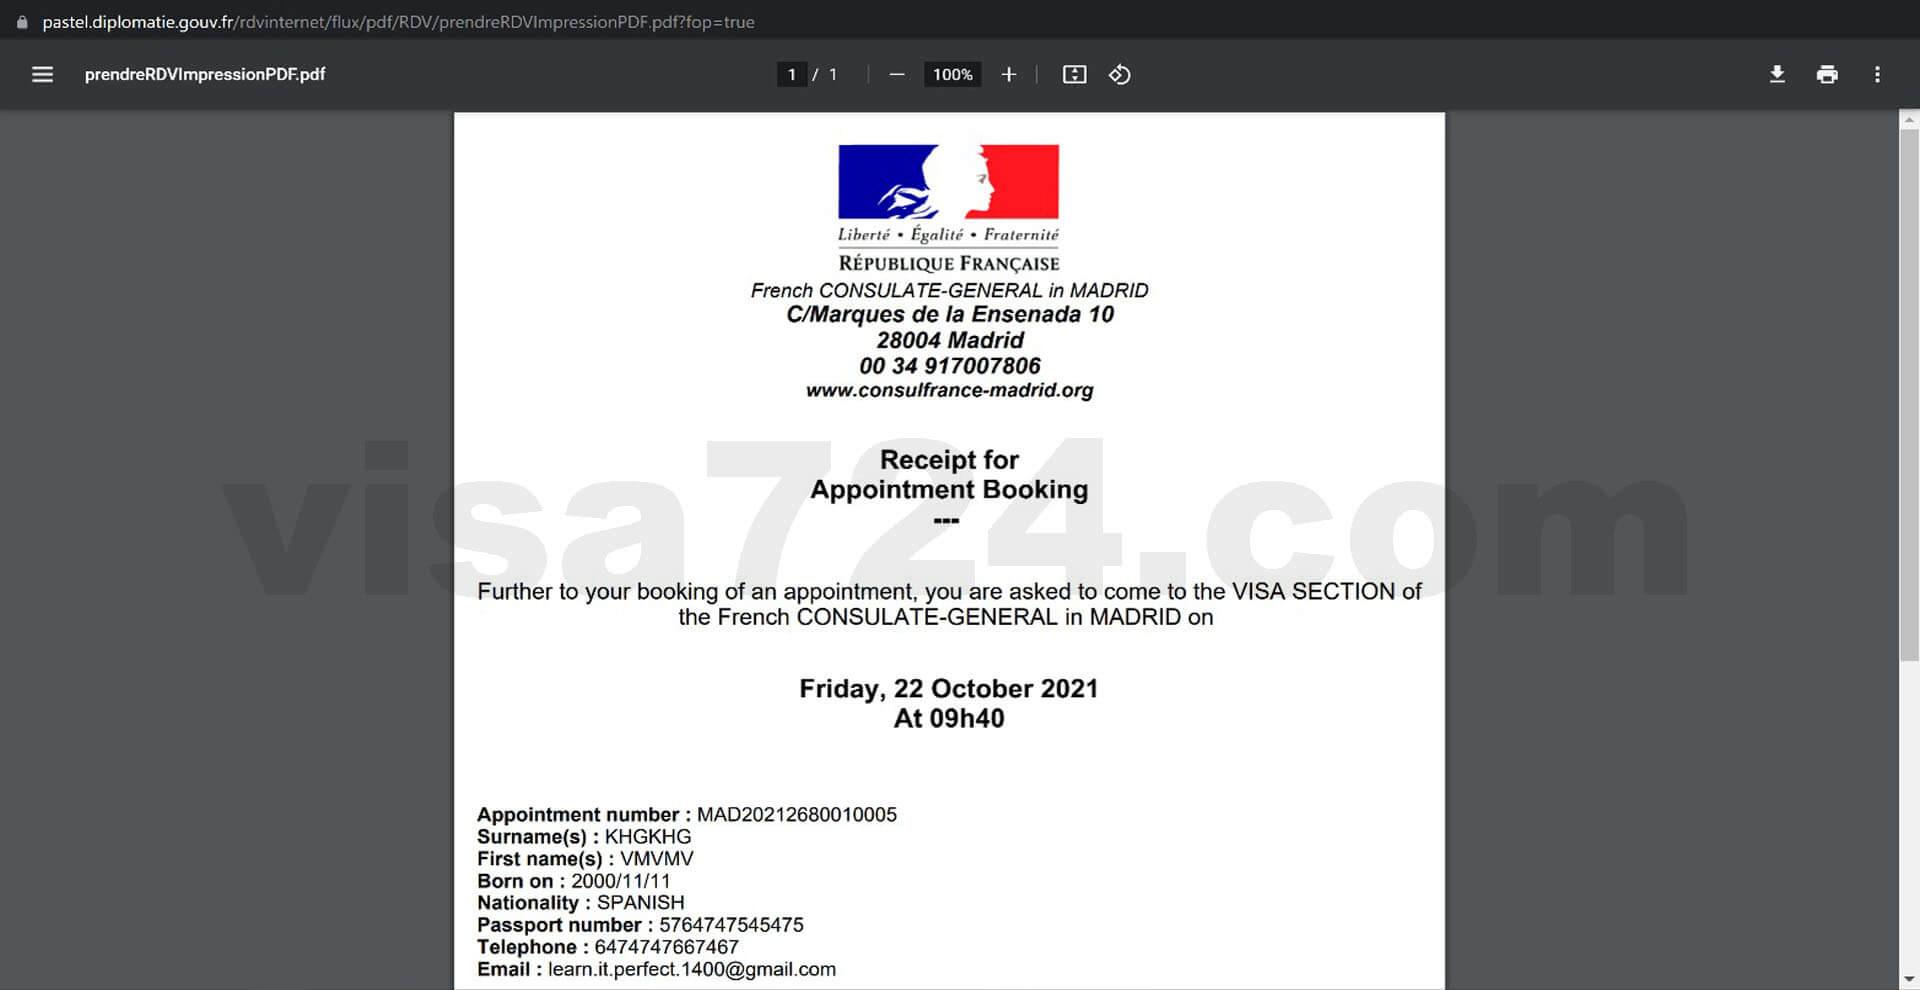 آموزش ثبت در خواست ویزای تحصیلی فرانسه